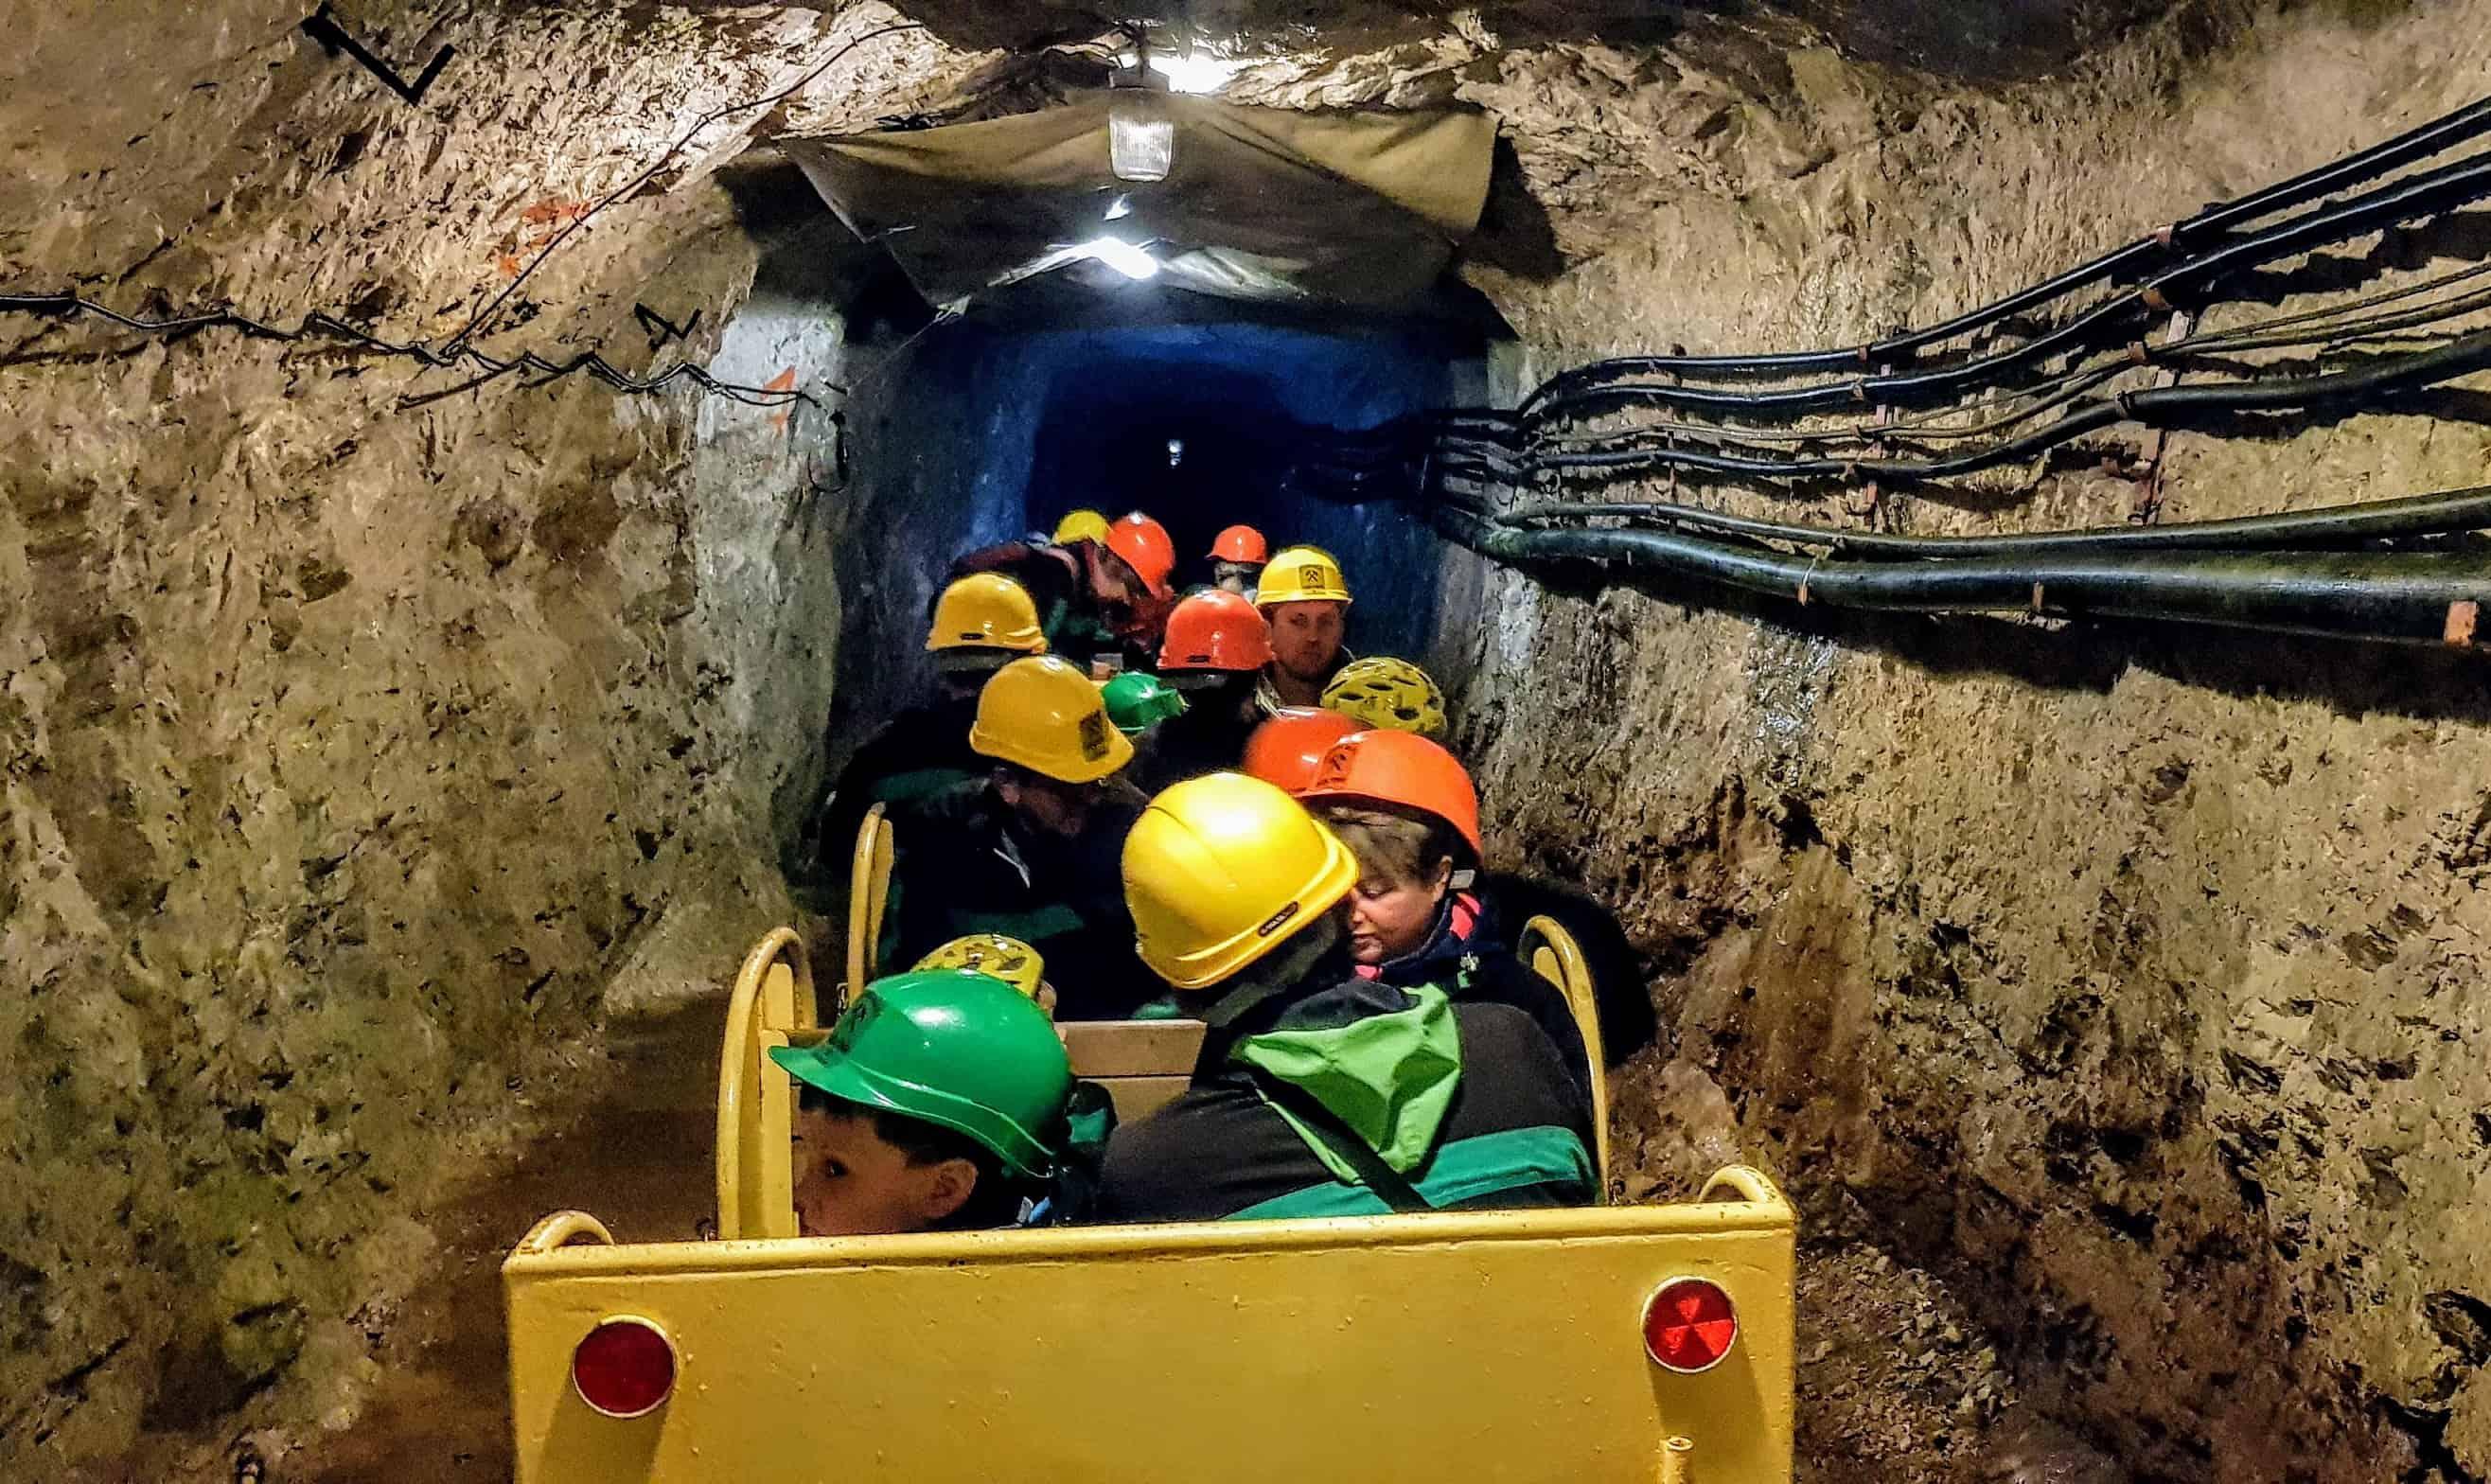 Kinderfreundliche Fahrt durch die Stollen der Schaubergwerke Terra Mystica und Montana bei Villach in Kärnten